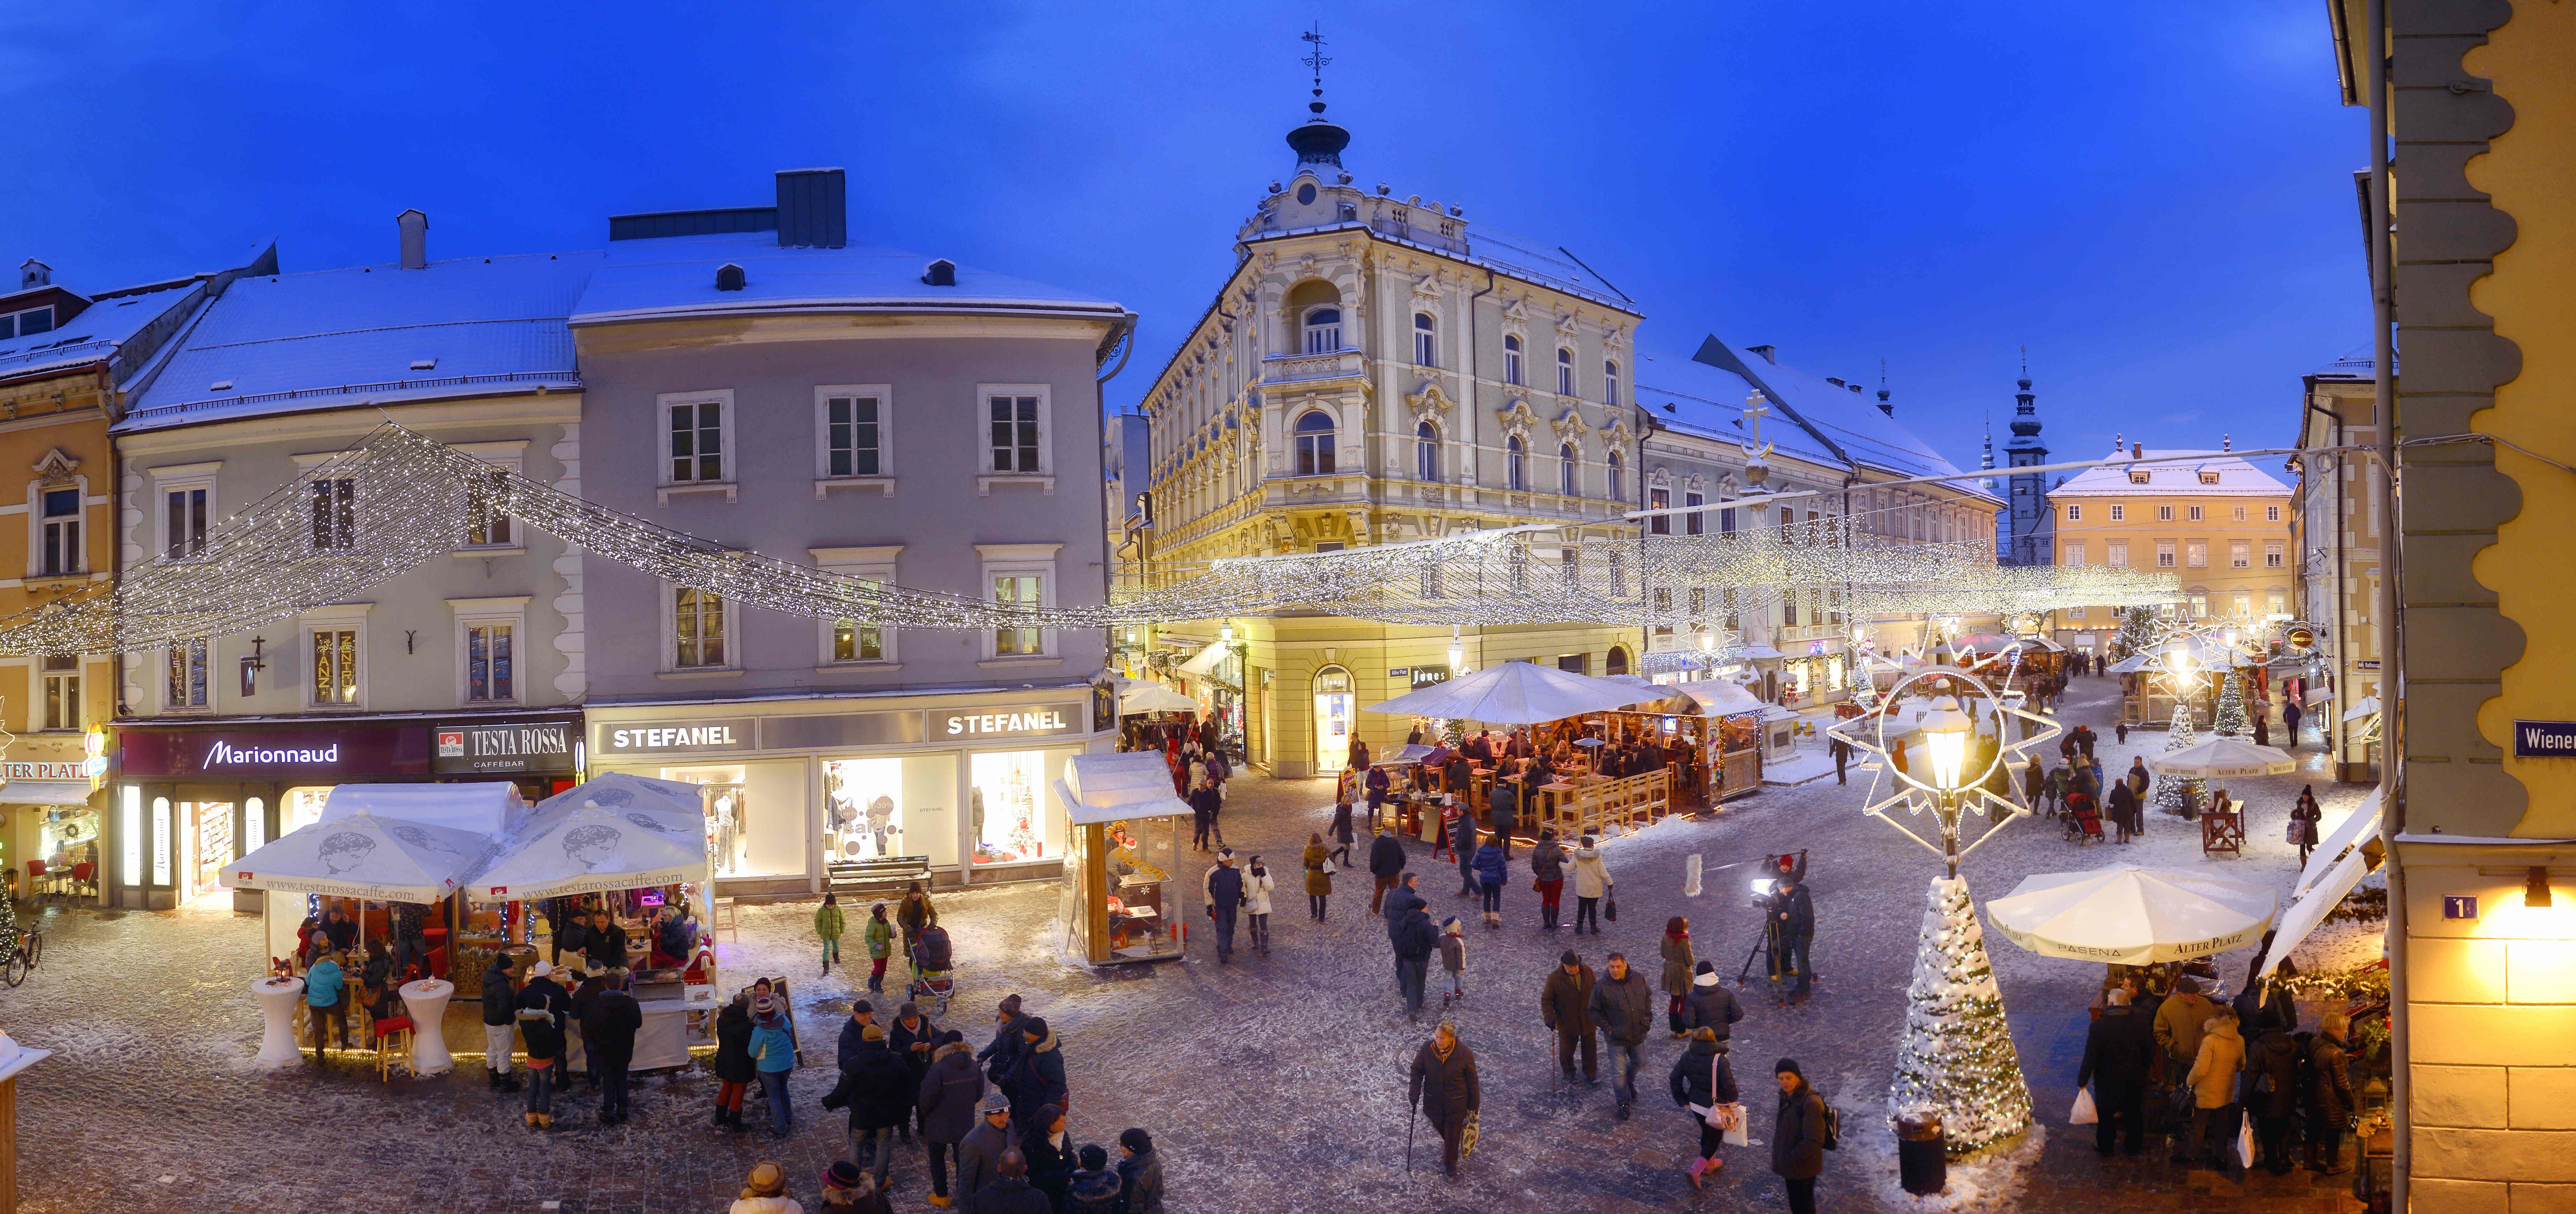 Advent season at Alter Platz in Klagenfurt am Wörthersee. Photo: Helge Bauer